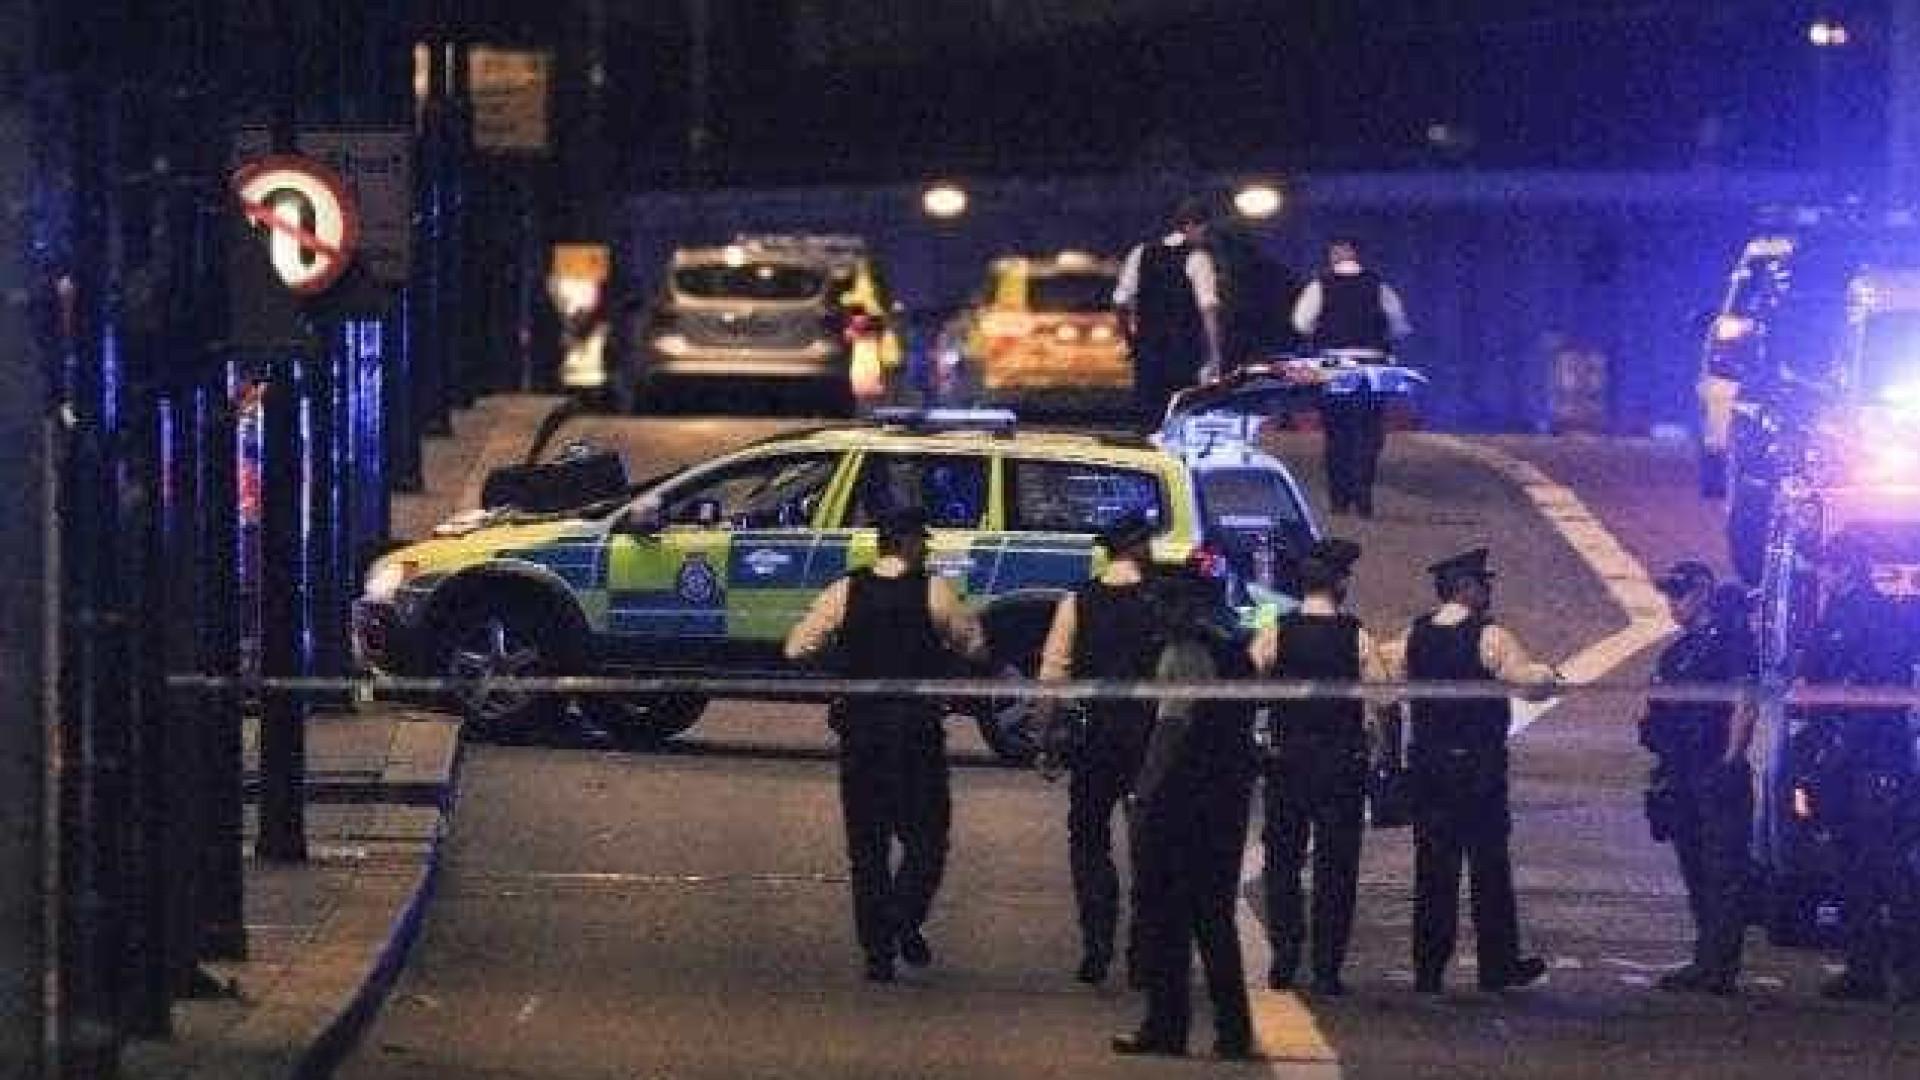 Homem é detido após atacar policial em frente ao Palácio de Buckingham